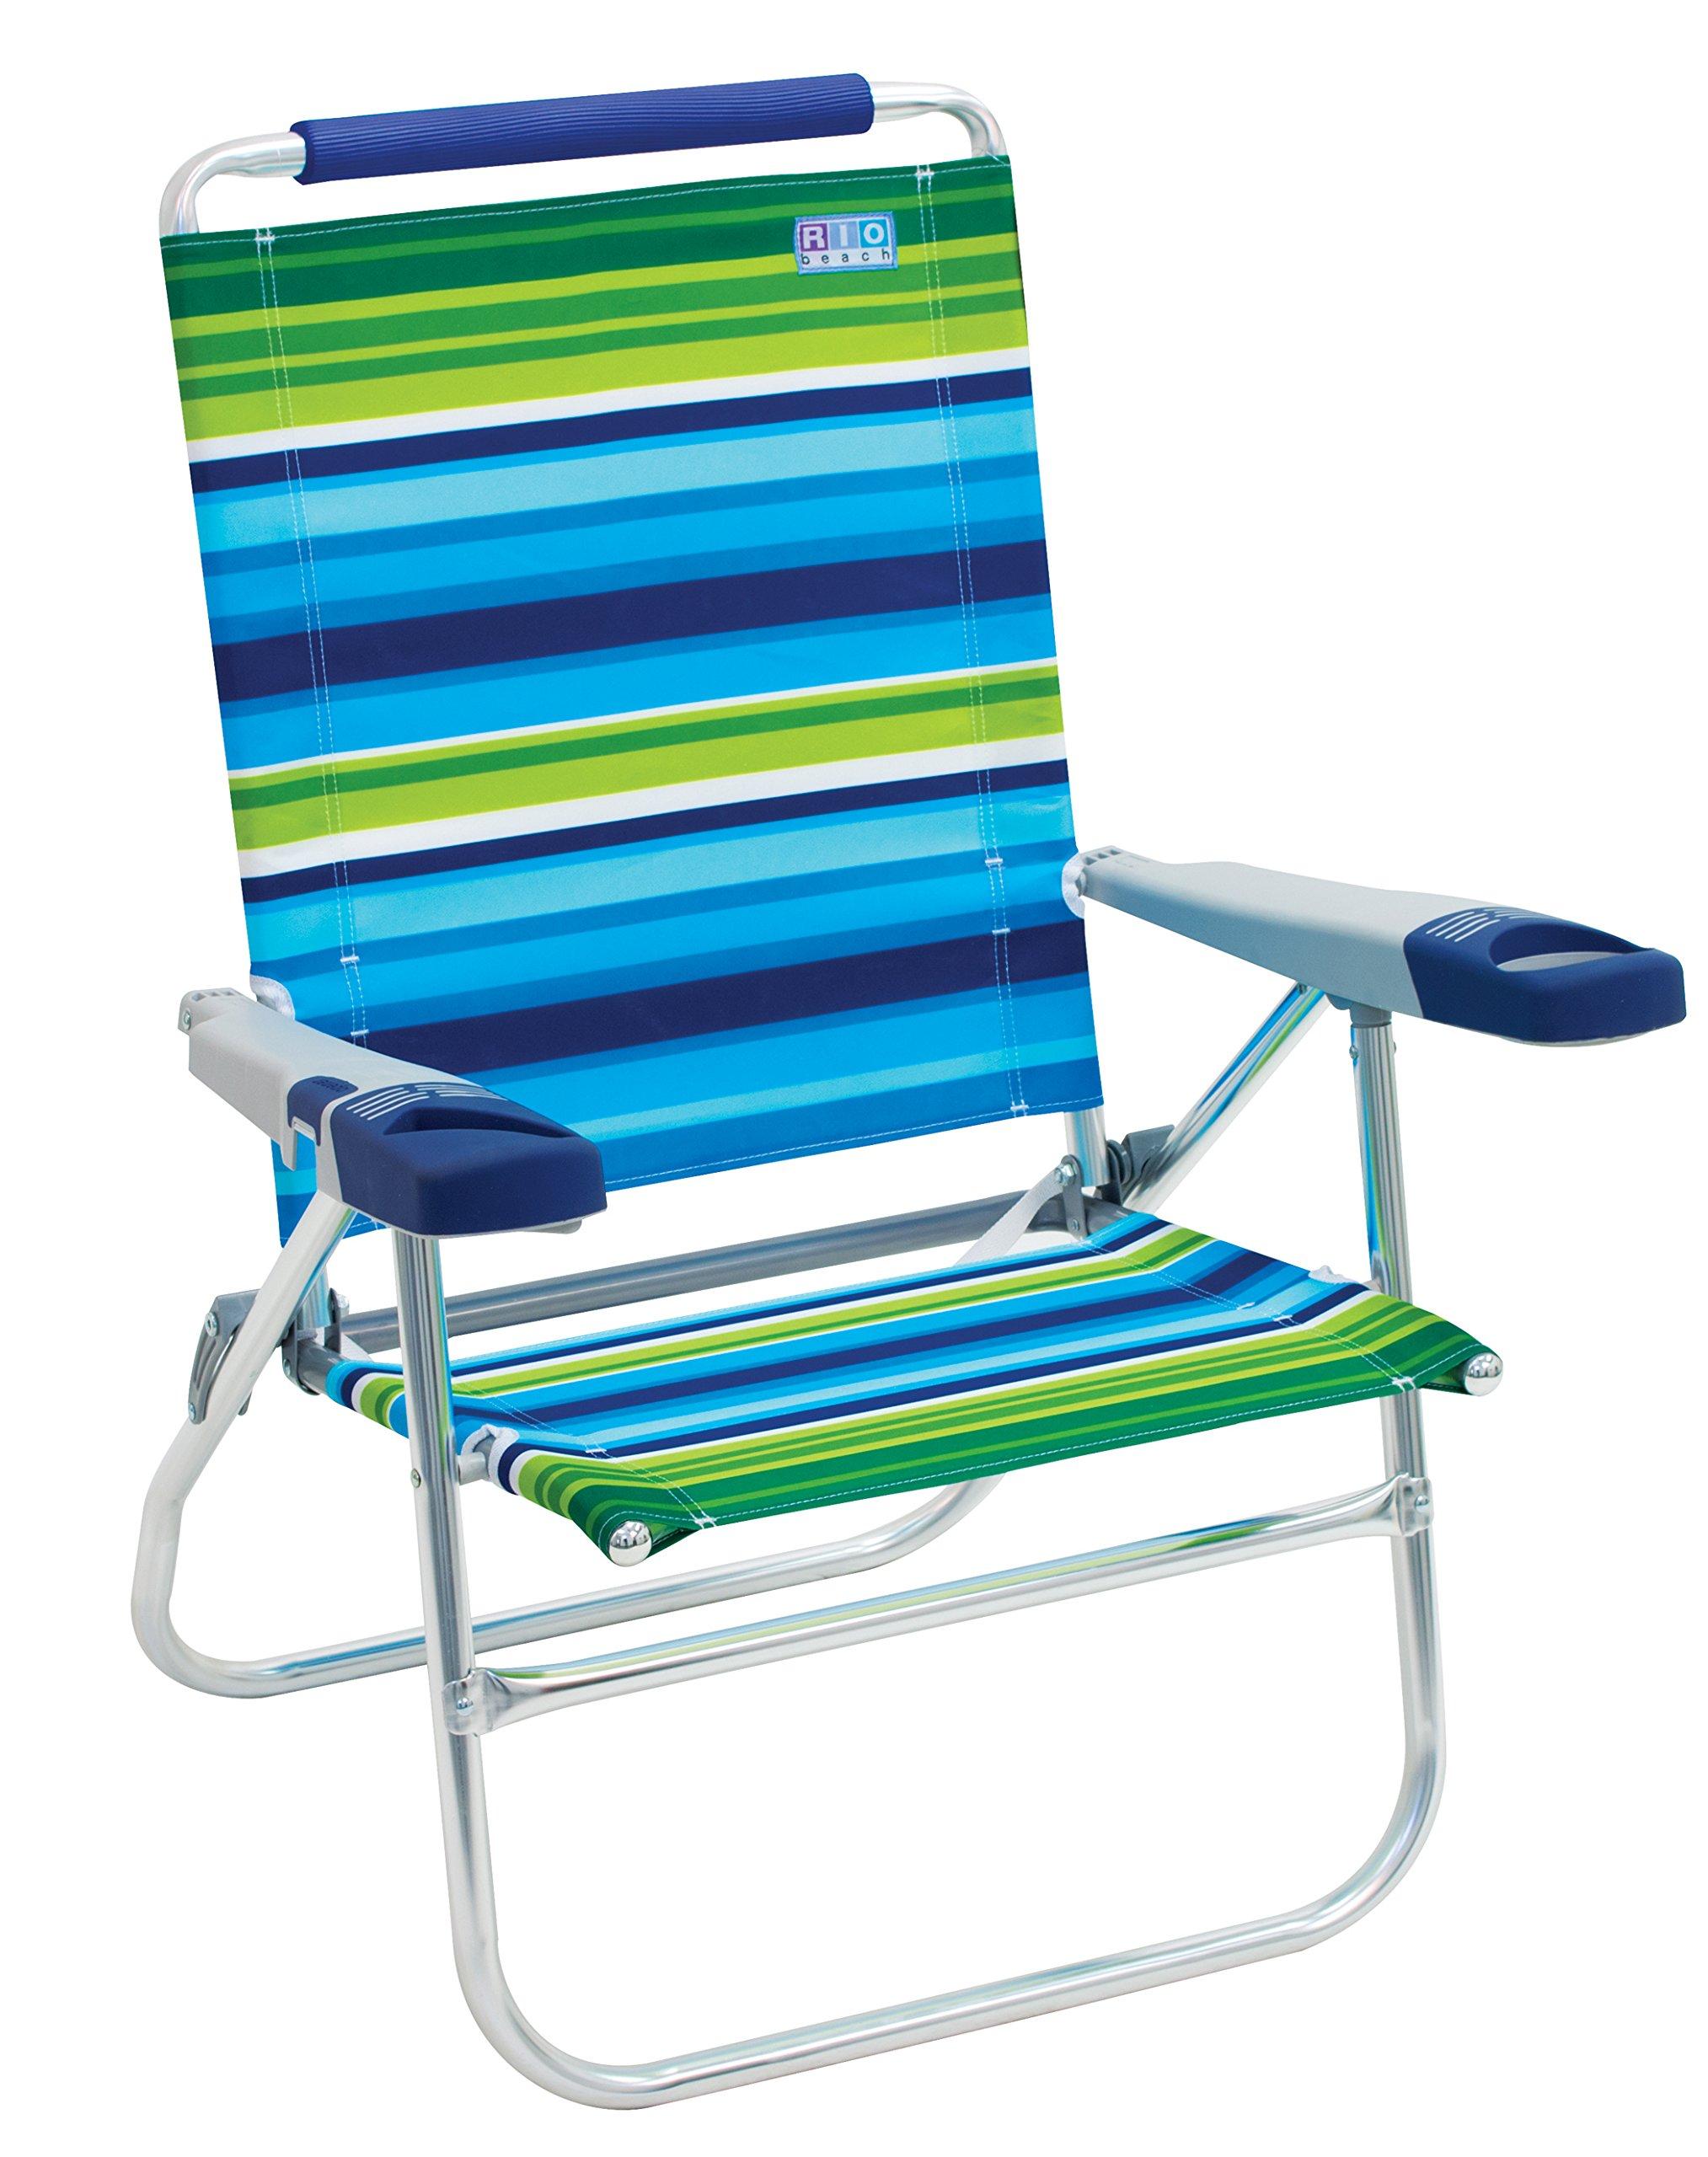 Rio Beach 15-Inch Tall Folding Beach Chair